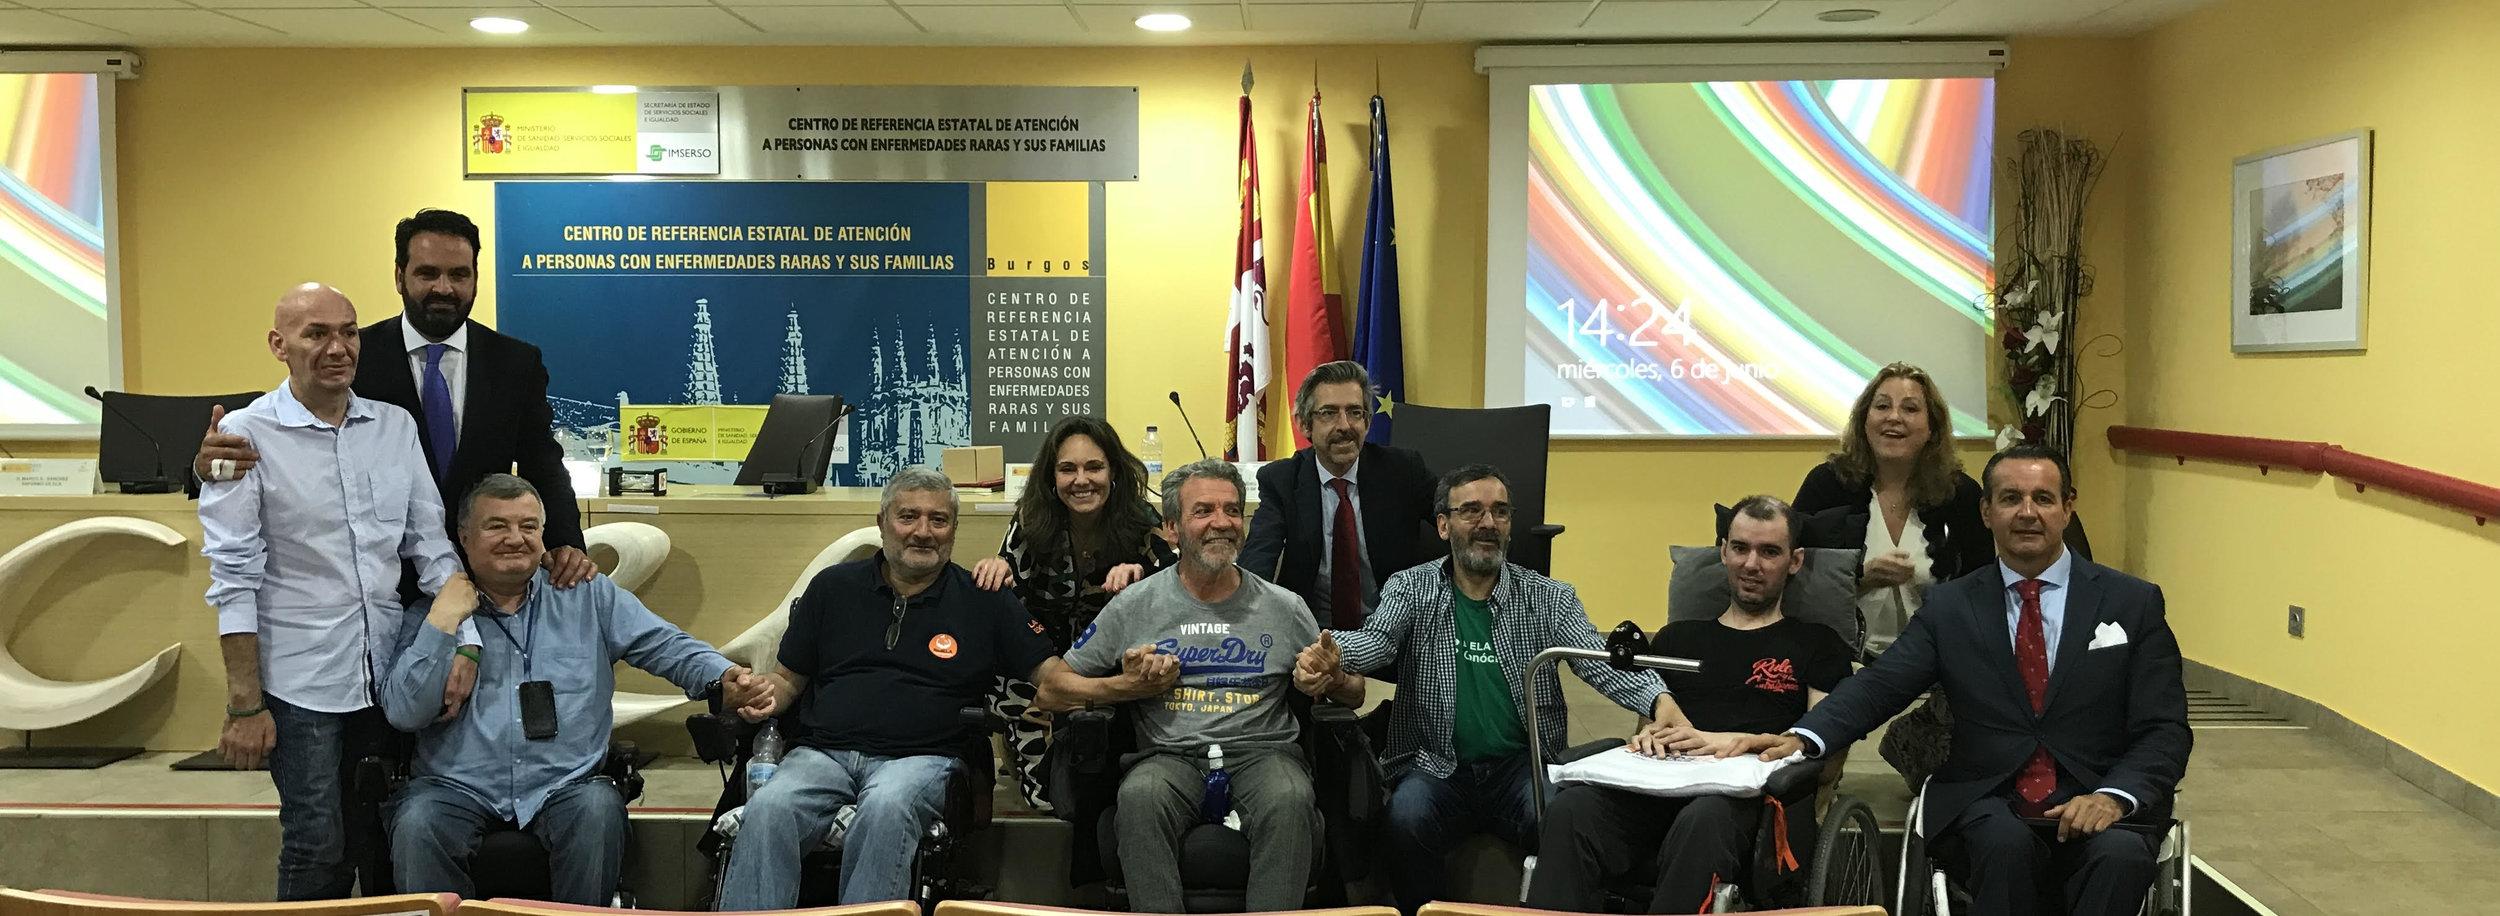 Iñigo Alli en una foto de familia con representantes de asociaciones de personas con discapacidad